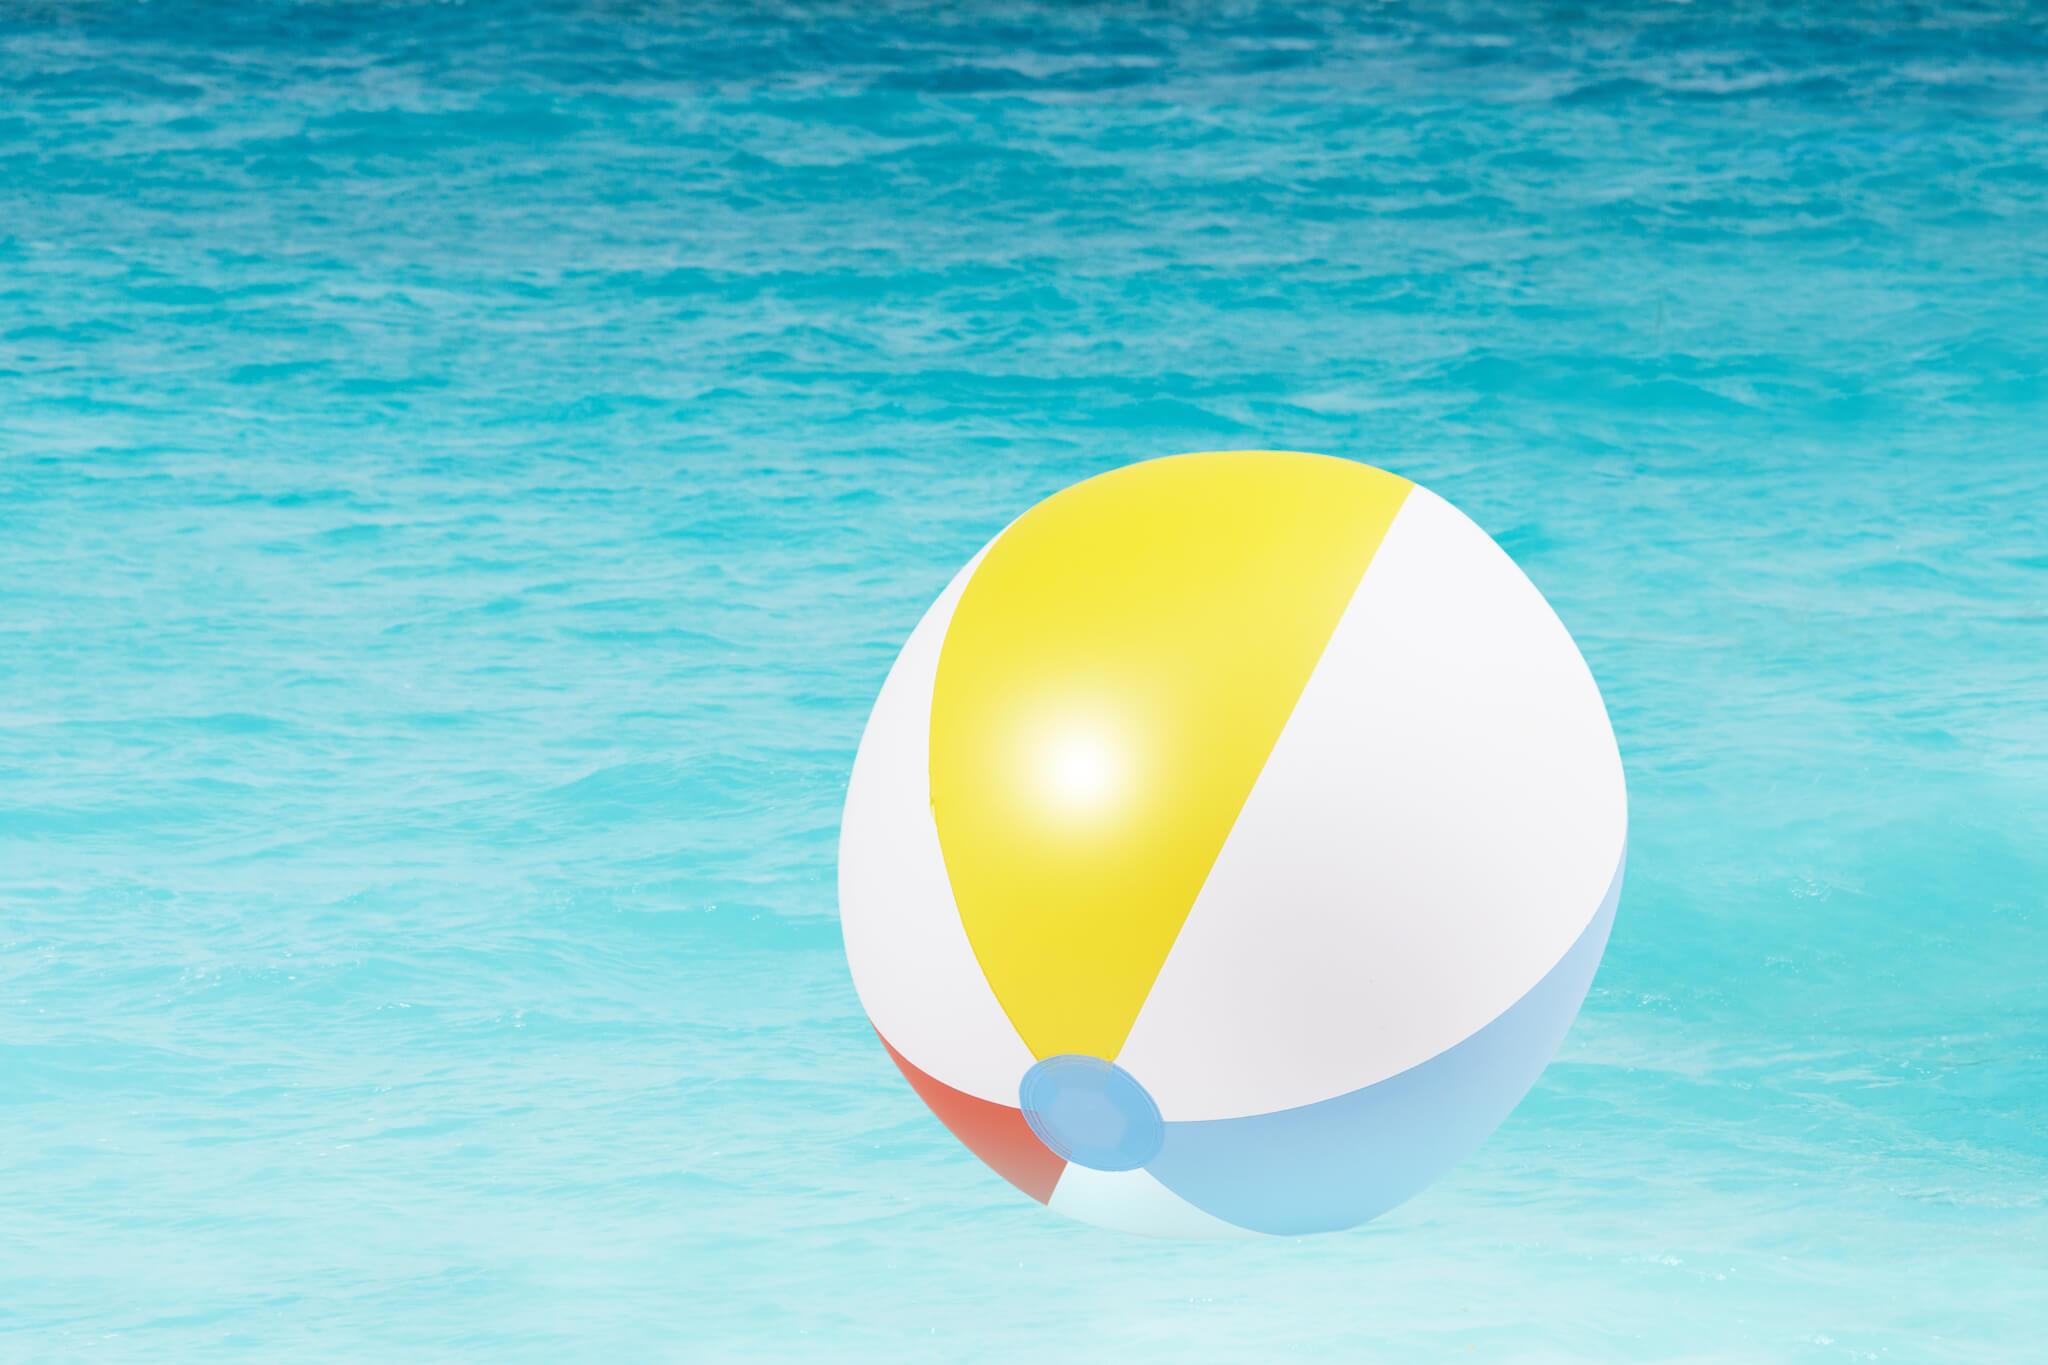 Wasserball im Wasser